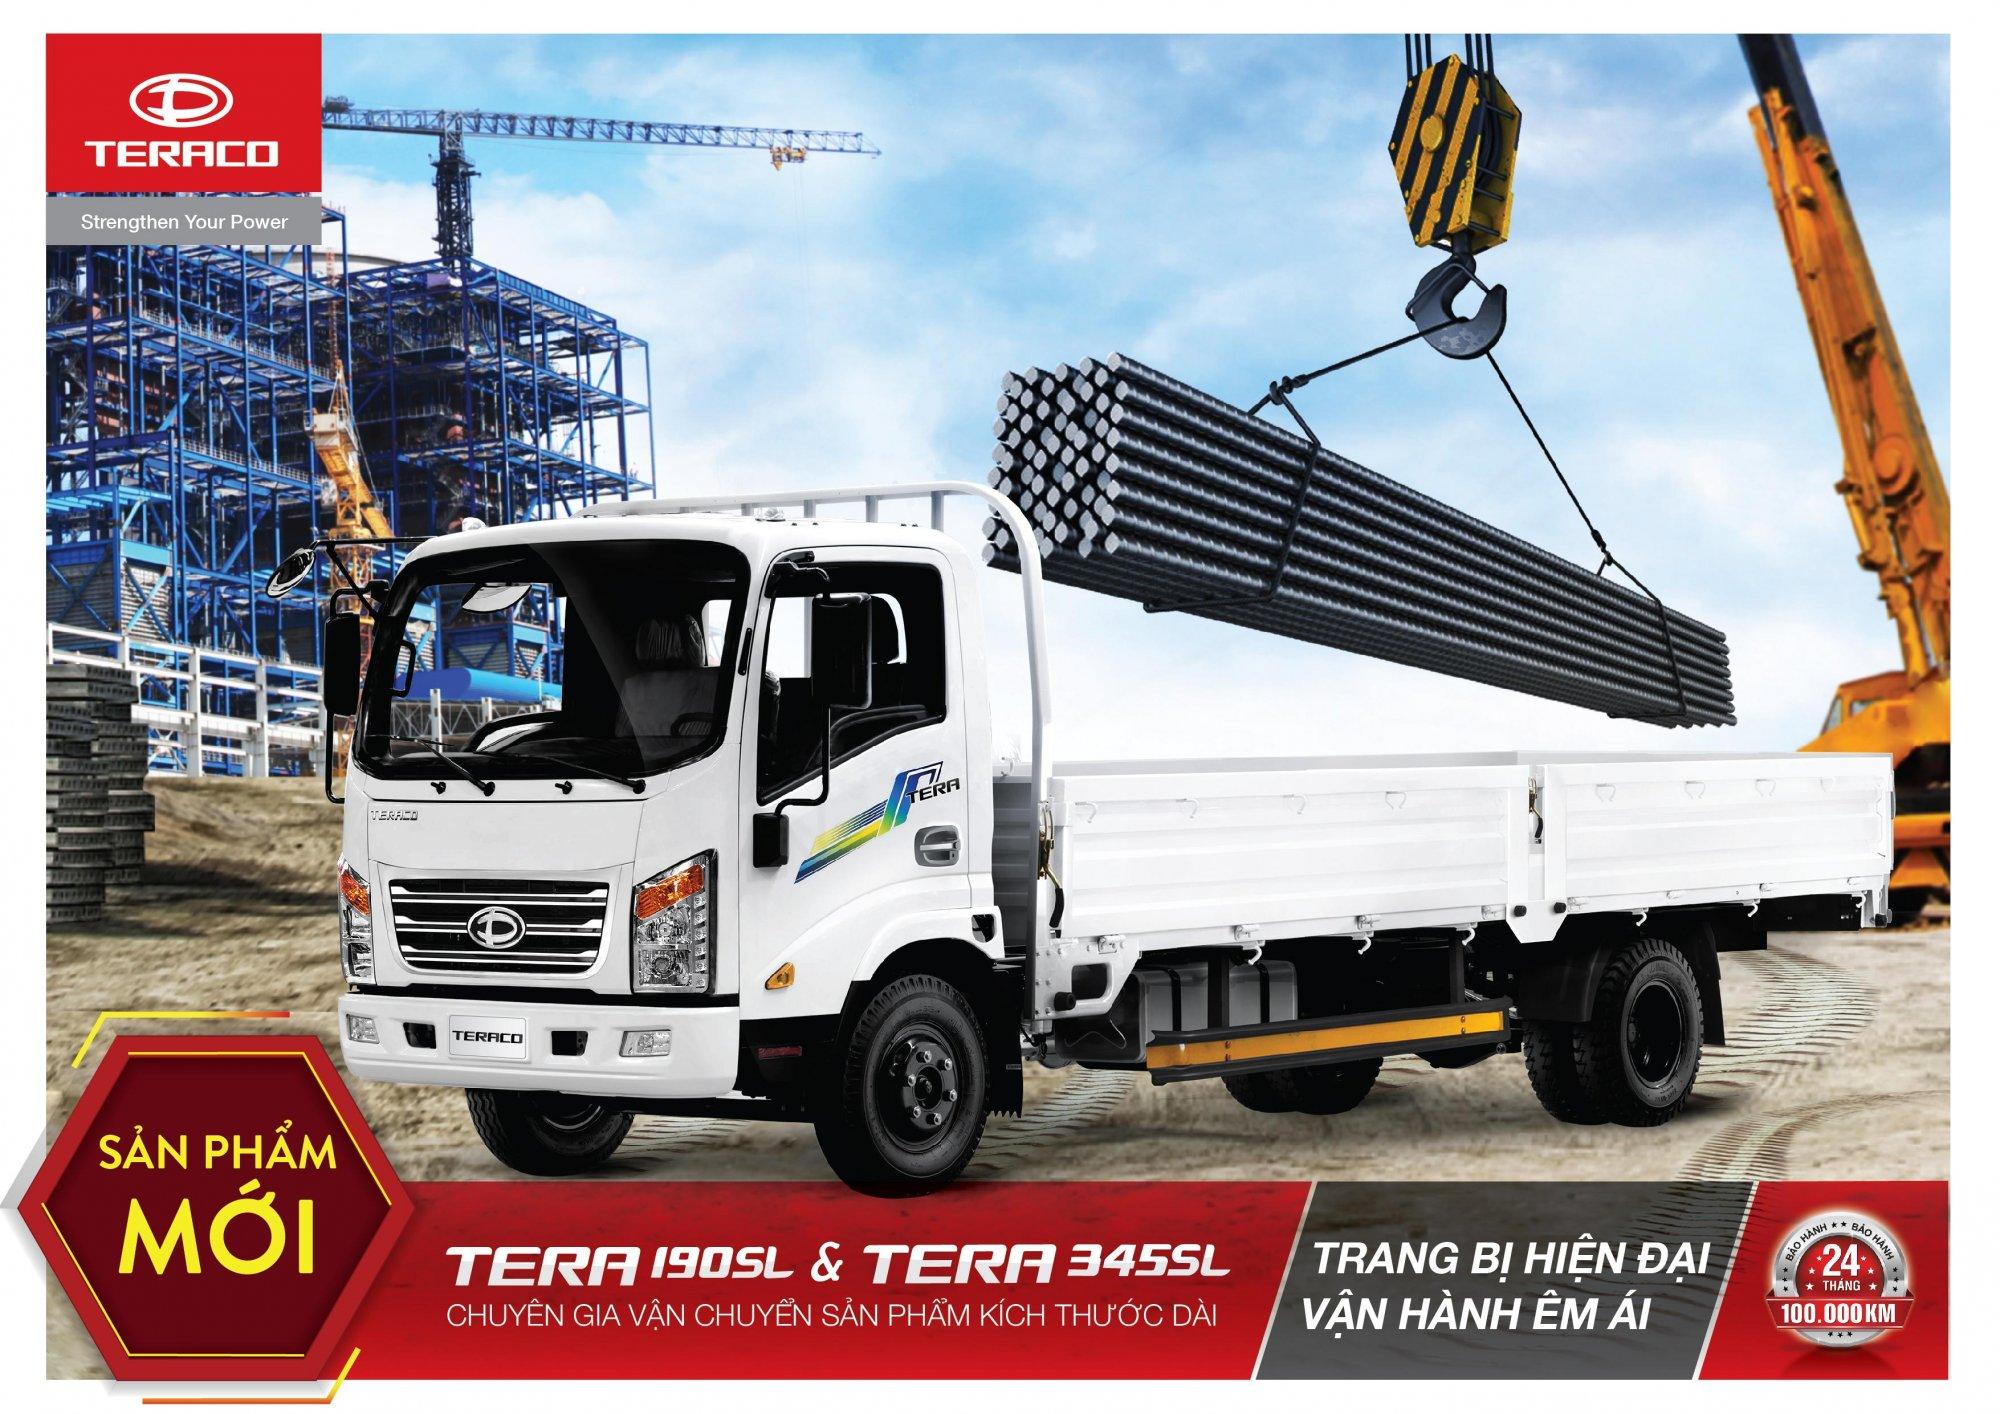 Công ty TNHH Daehan Motors ra mắt sản phẩm mới: Tera190SL & Tera345SL